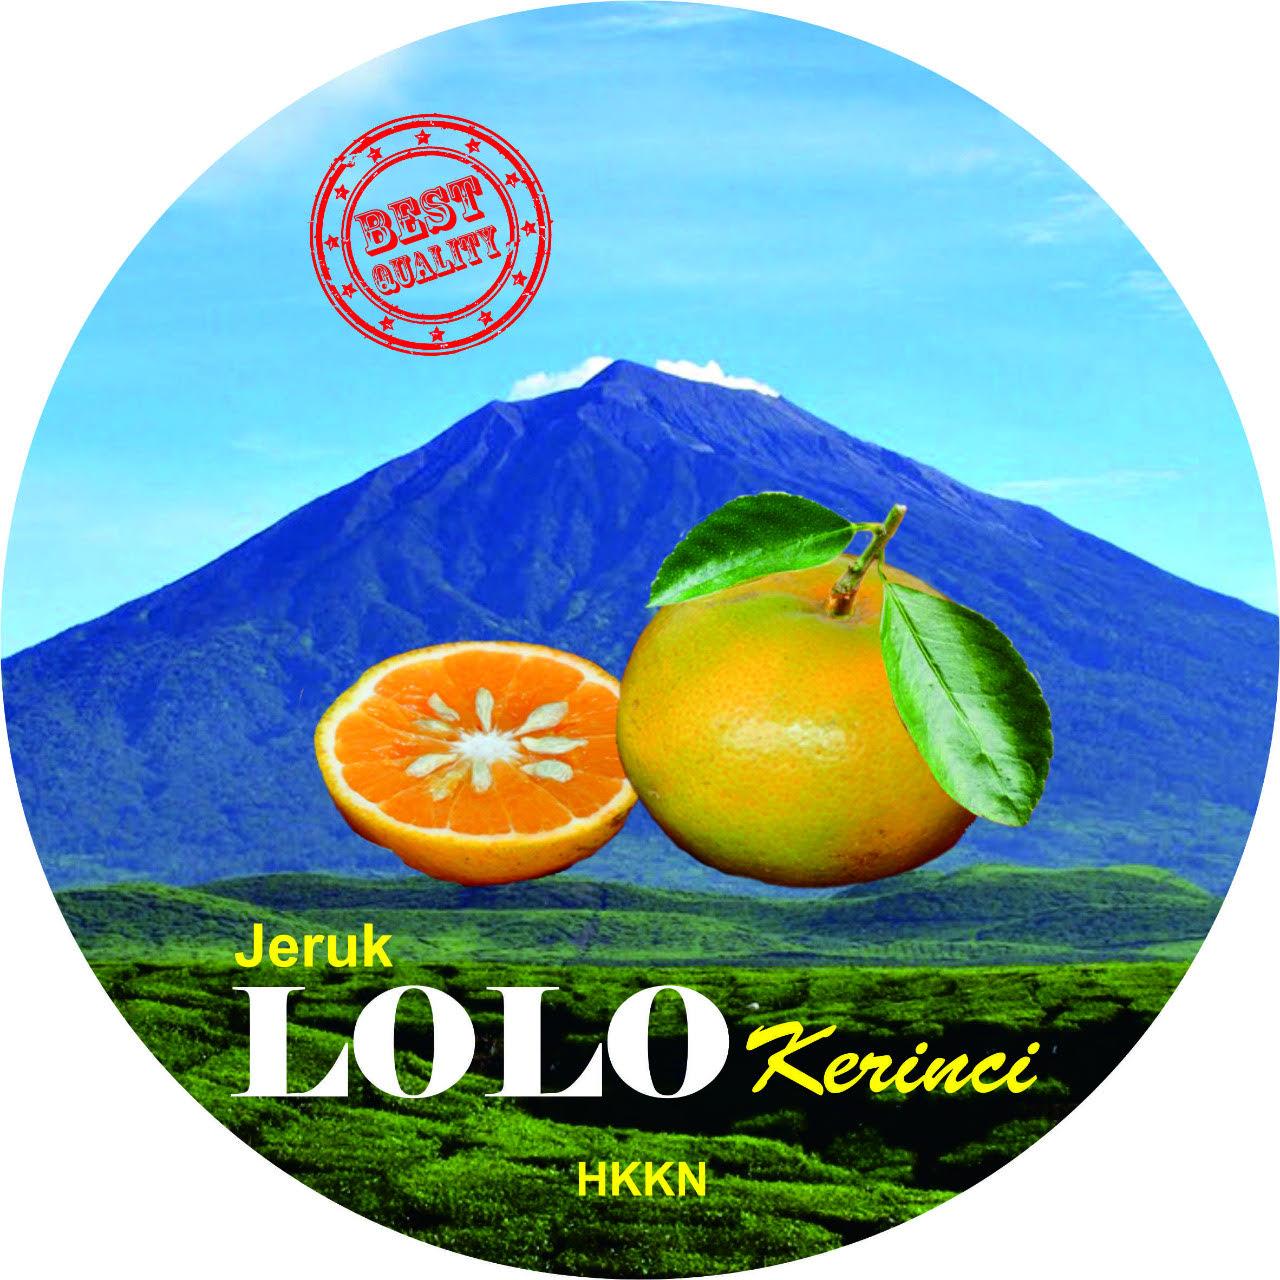 Jeruk Lolo khas Kabupaten Kerinci. PB HKK Nasional siap mengembangkan dan memasarkan produk KErinci ini di pasar nasional.